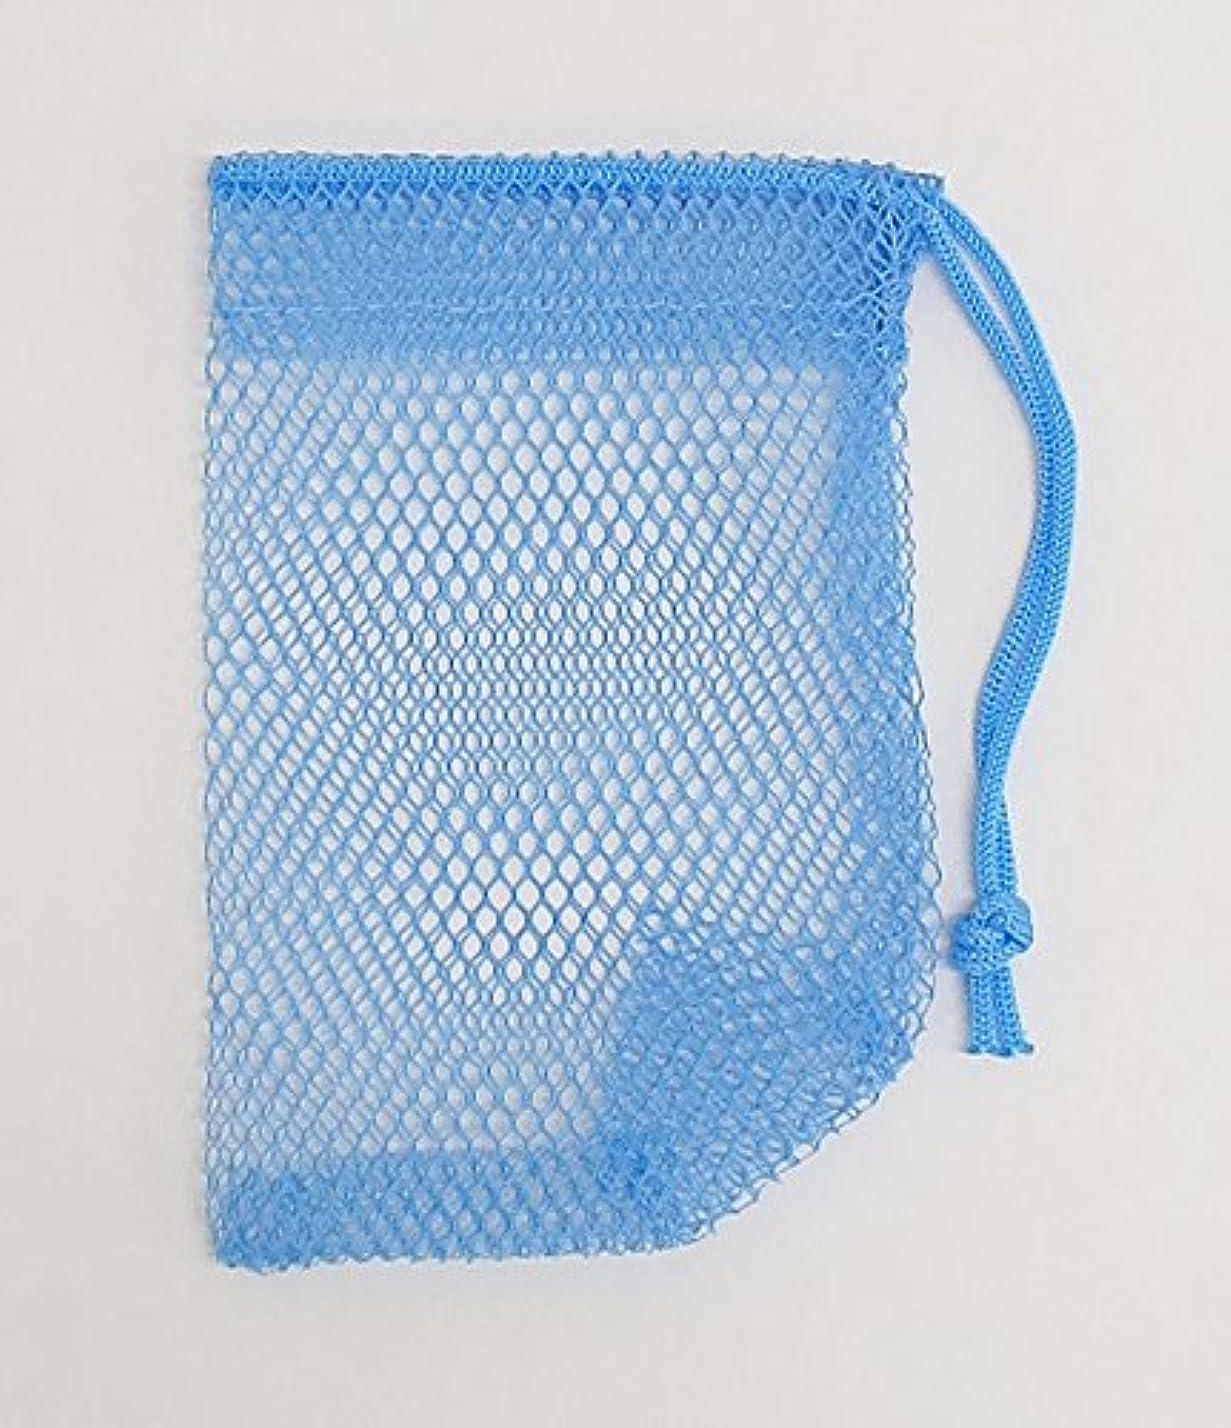 流産可決視線石けんネット ひもタイプ 20枚組 ブルー